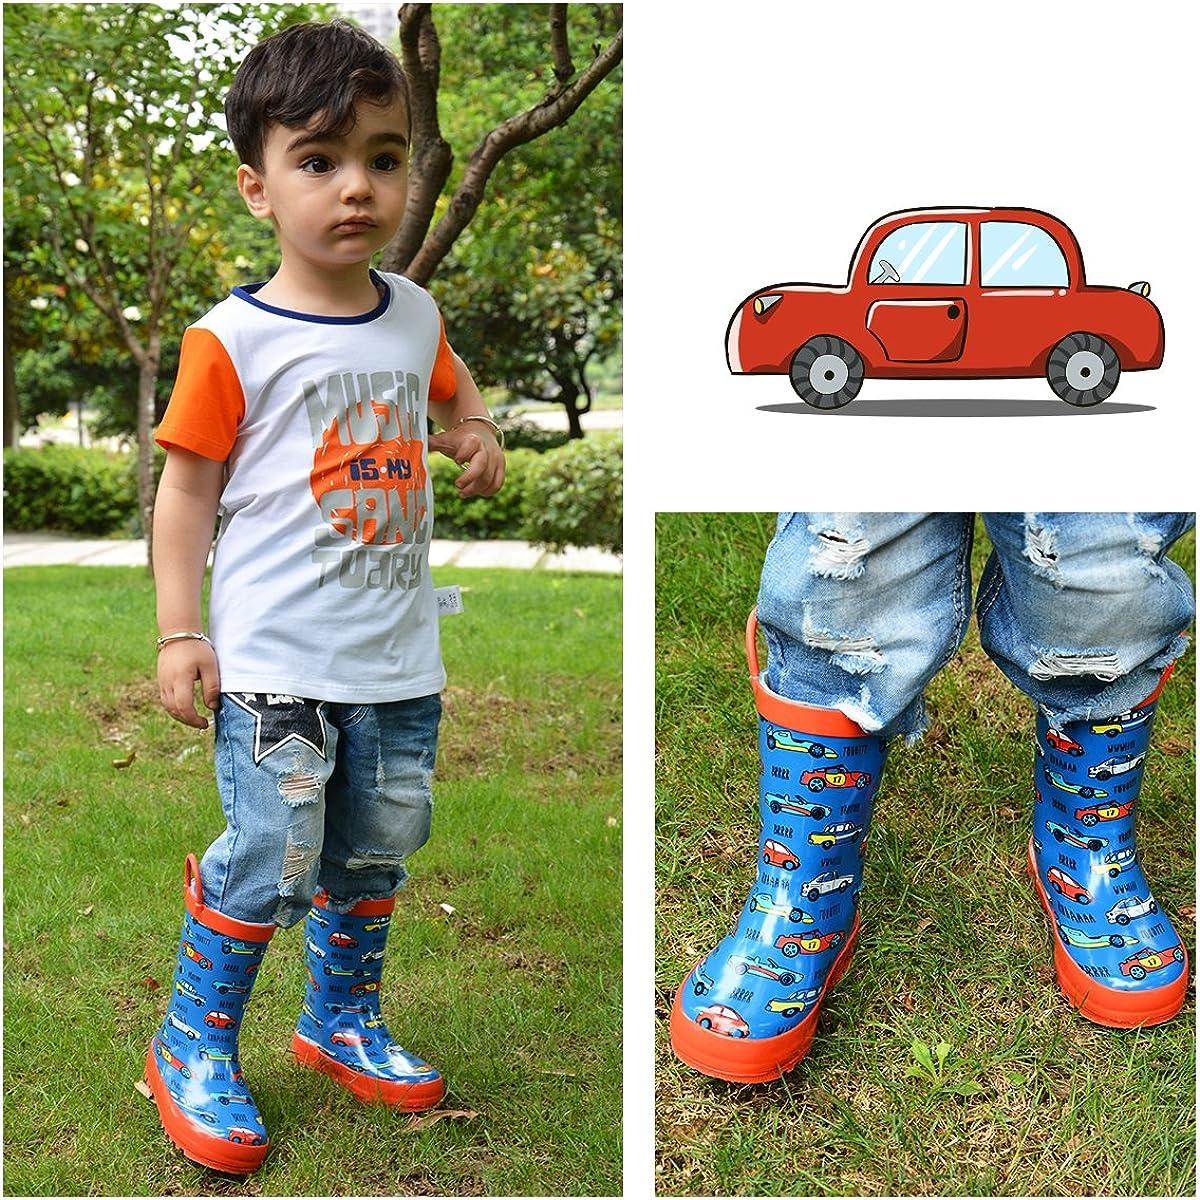 K KomForme Kids Boy Rain Boots Waterproof Rubber Printed with Handles